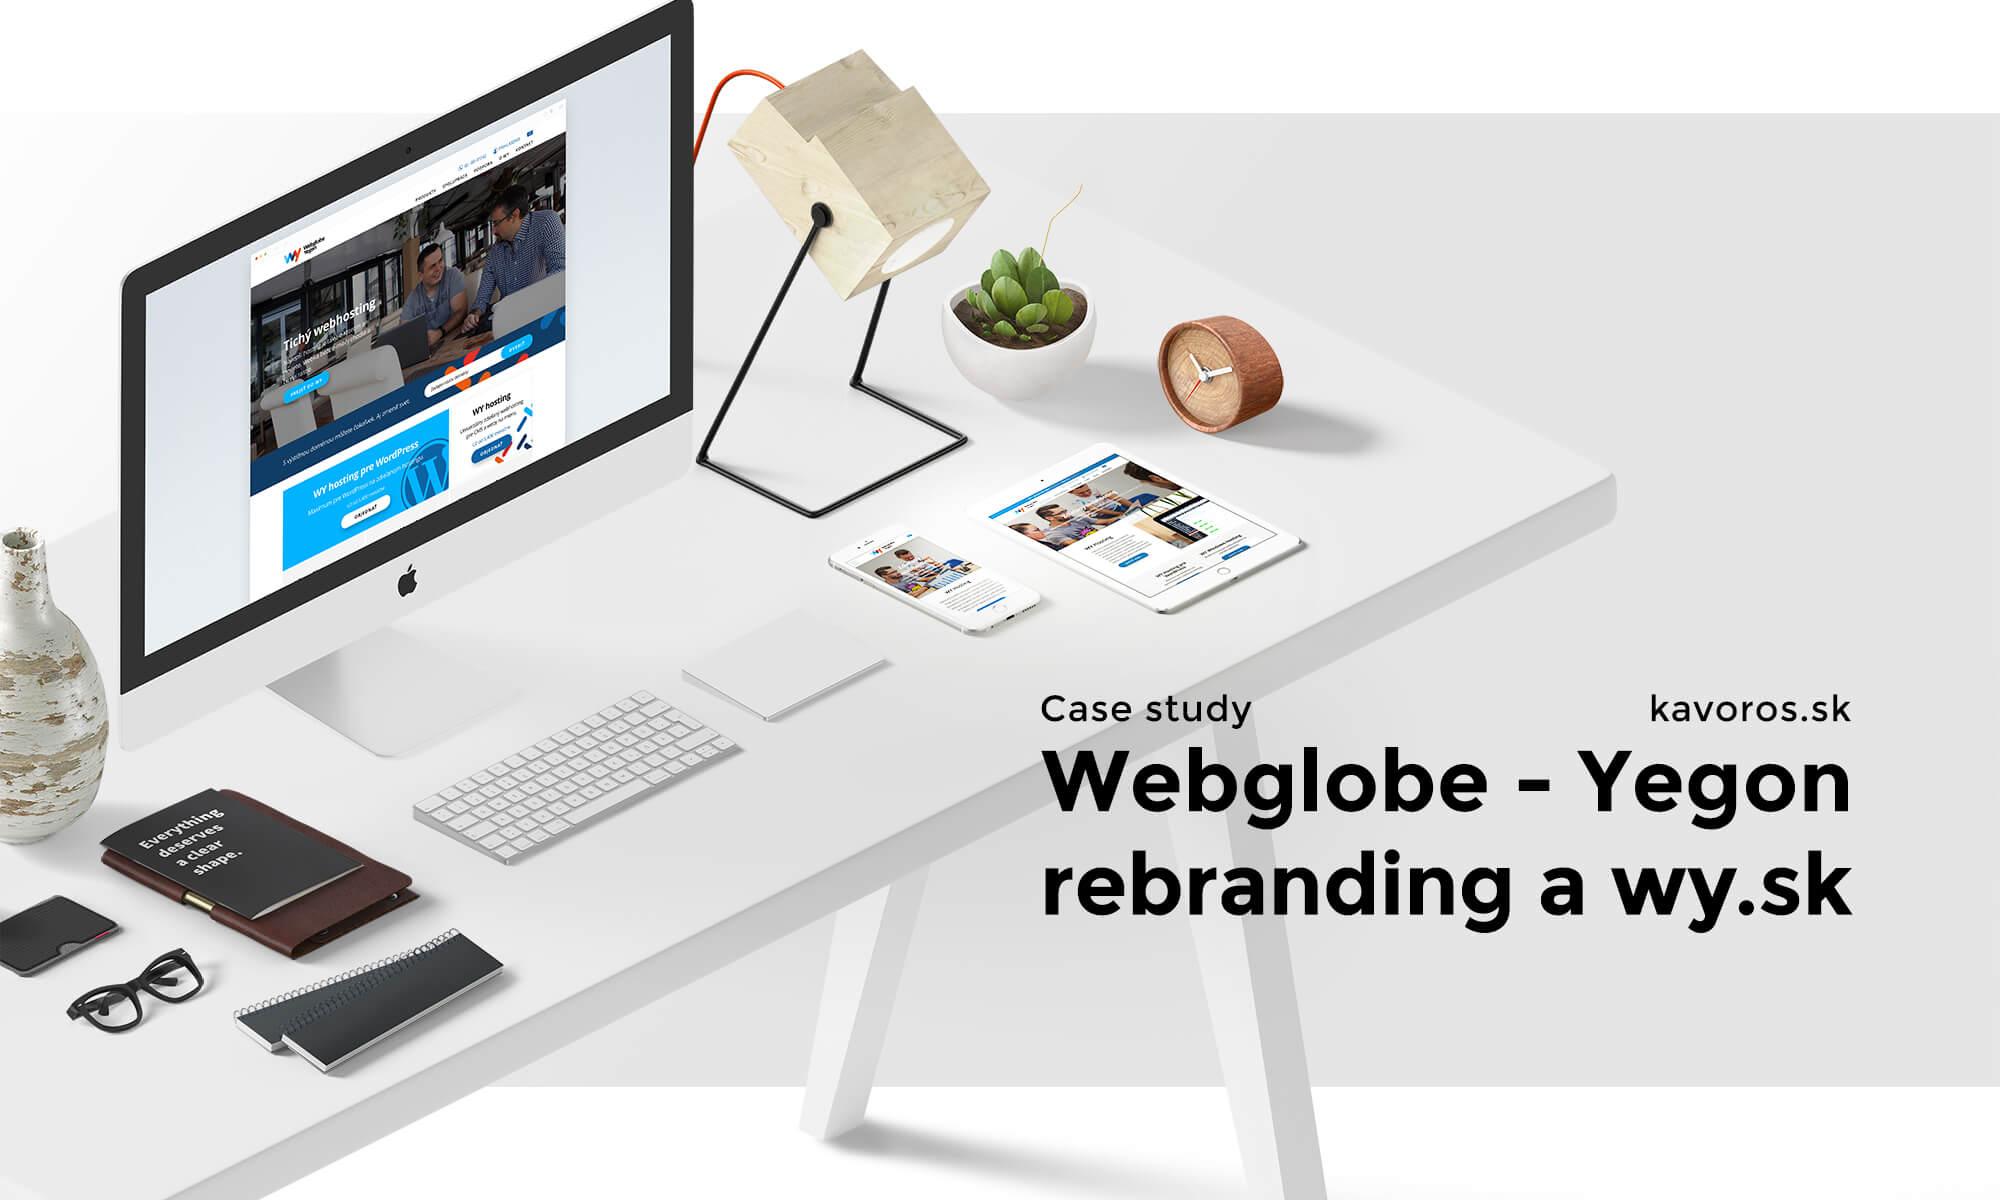 Rebranding Webglobe - Yegon